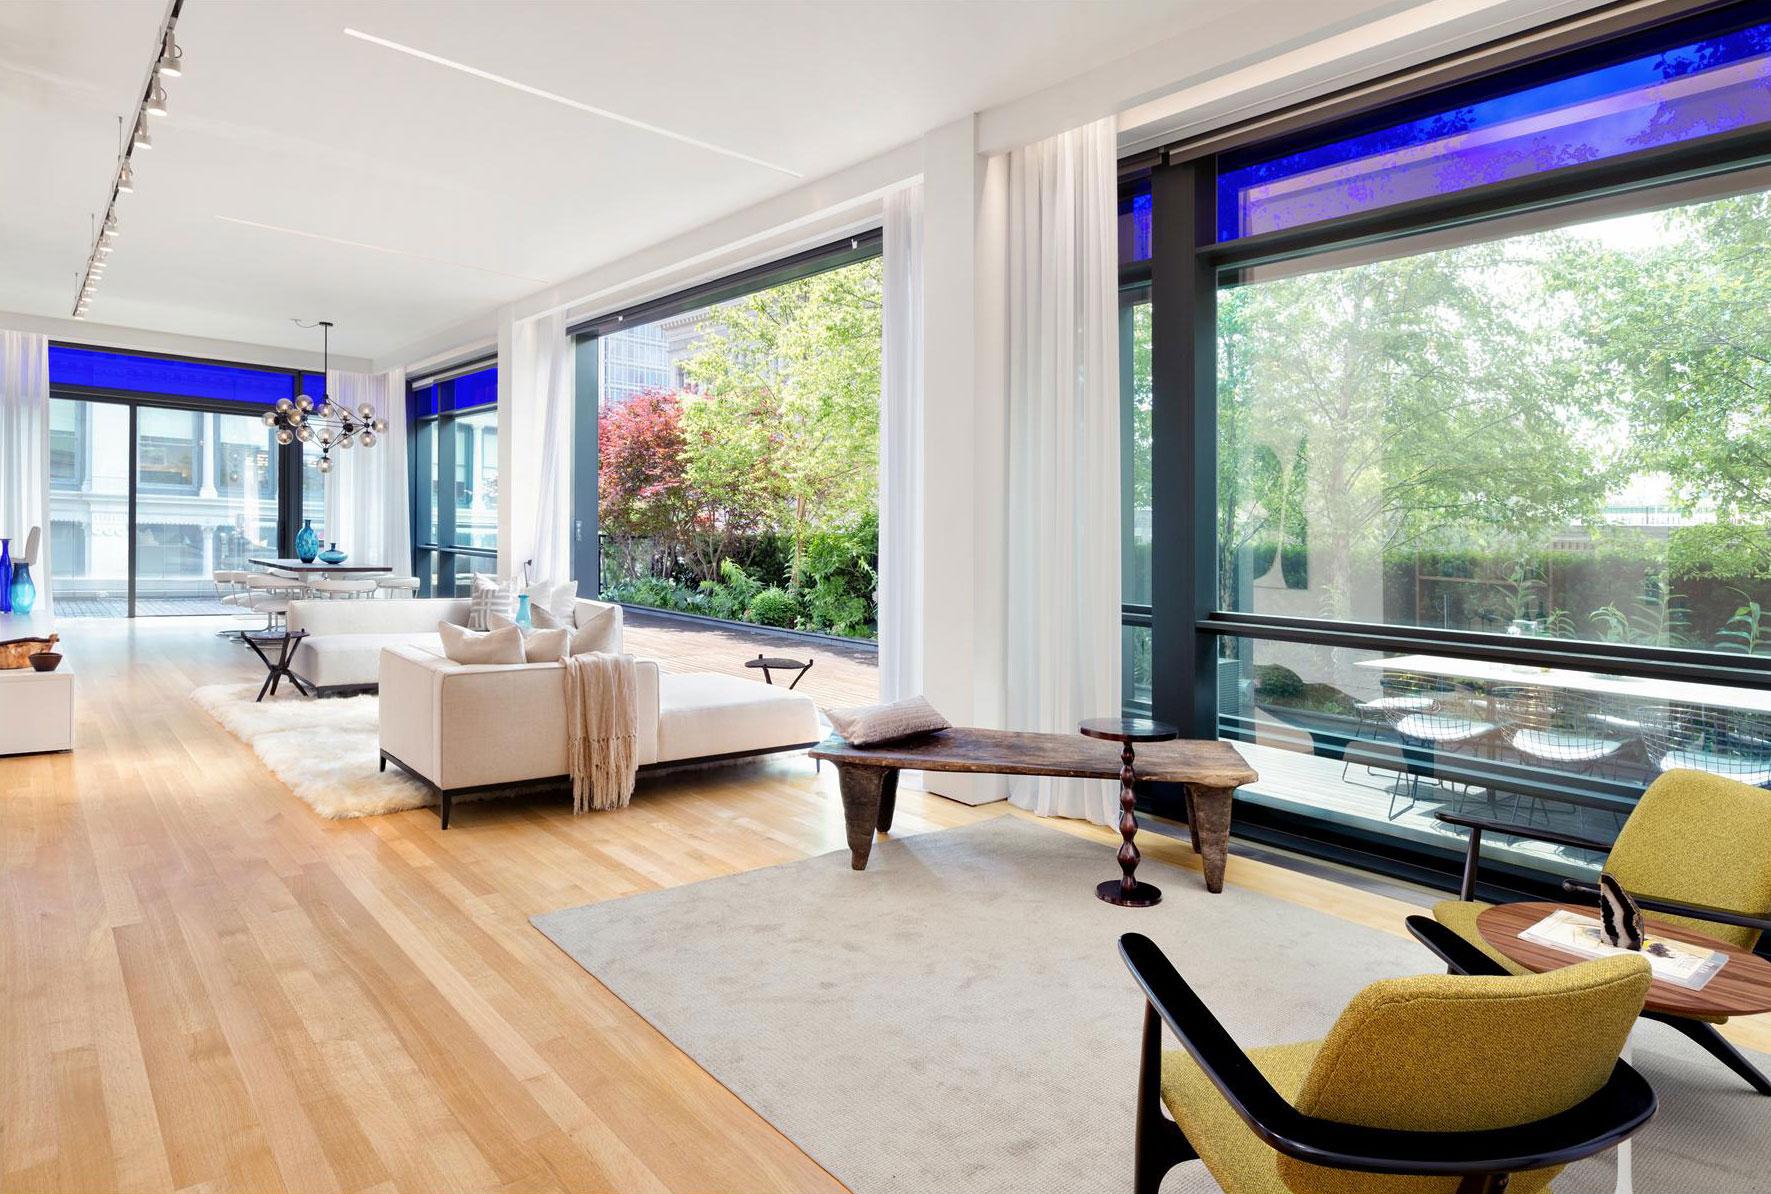 Elegant takvåning i Soho, New York City 5 Elegant takvåning i Soho, New York